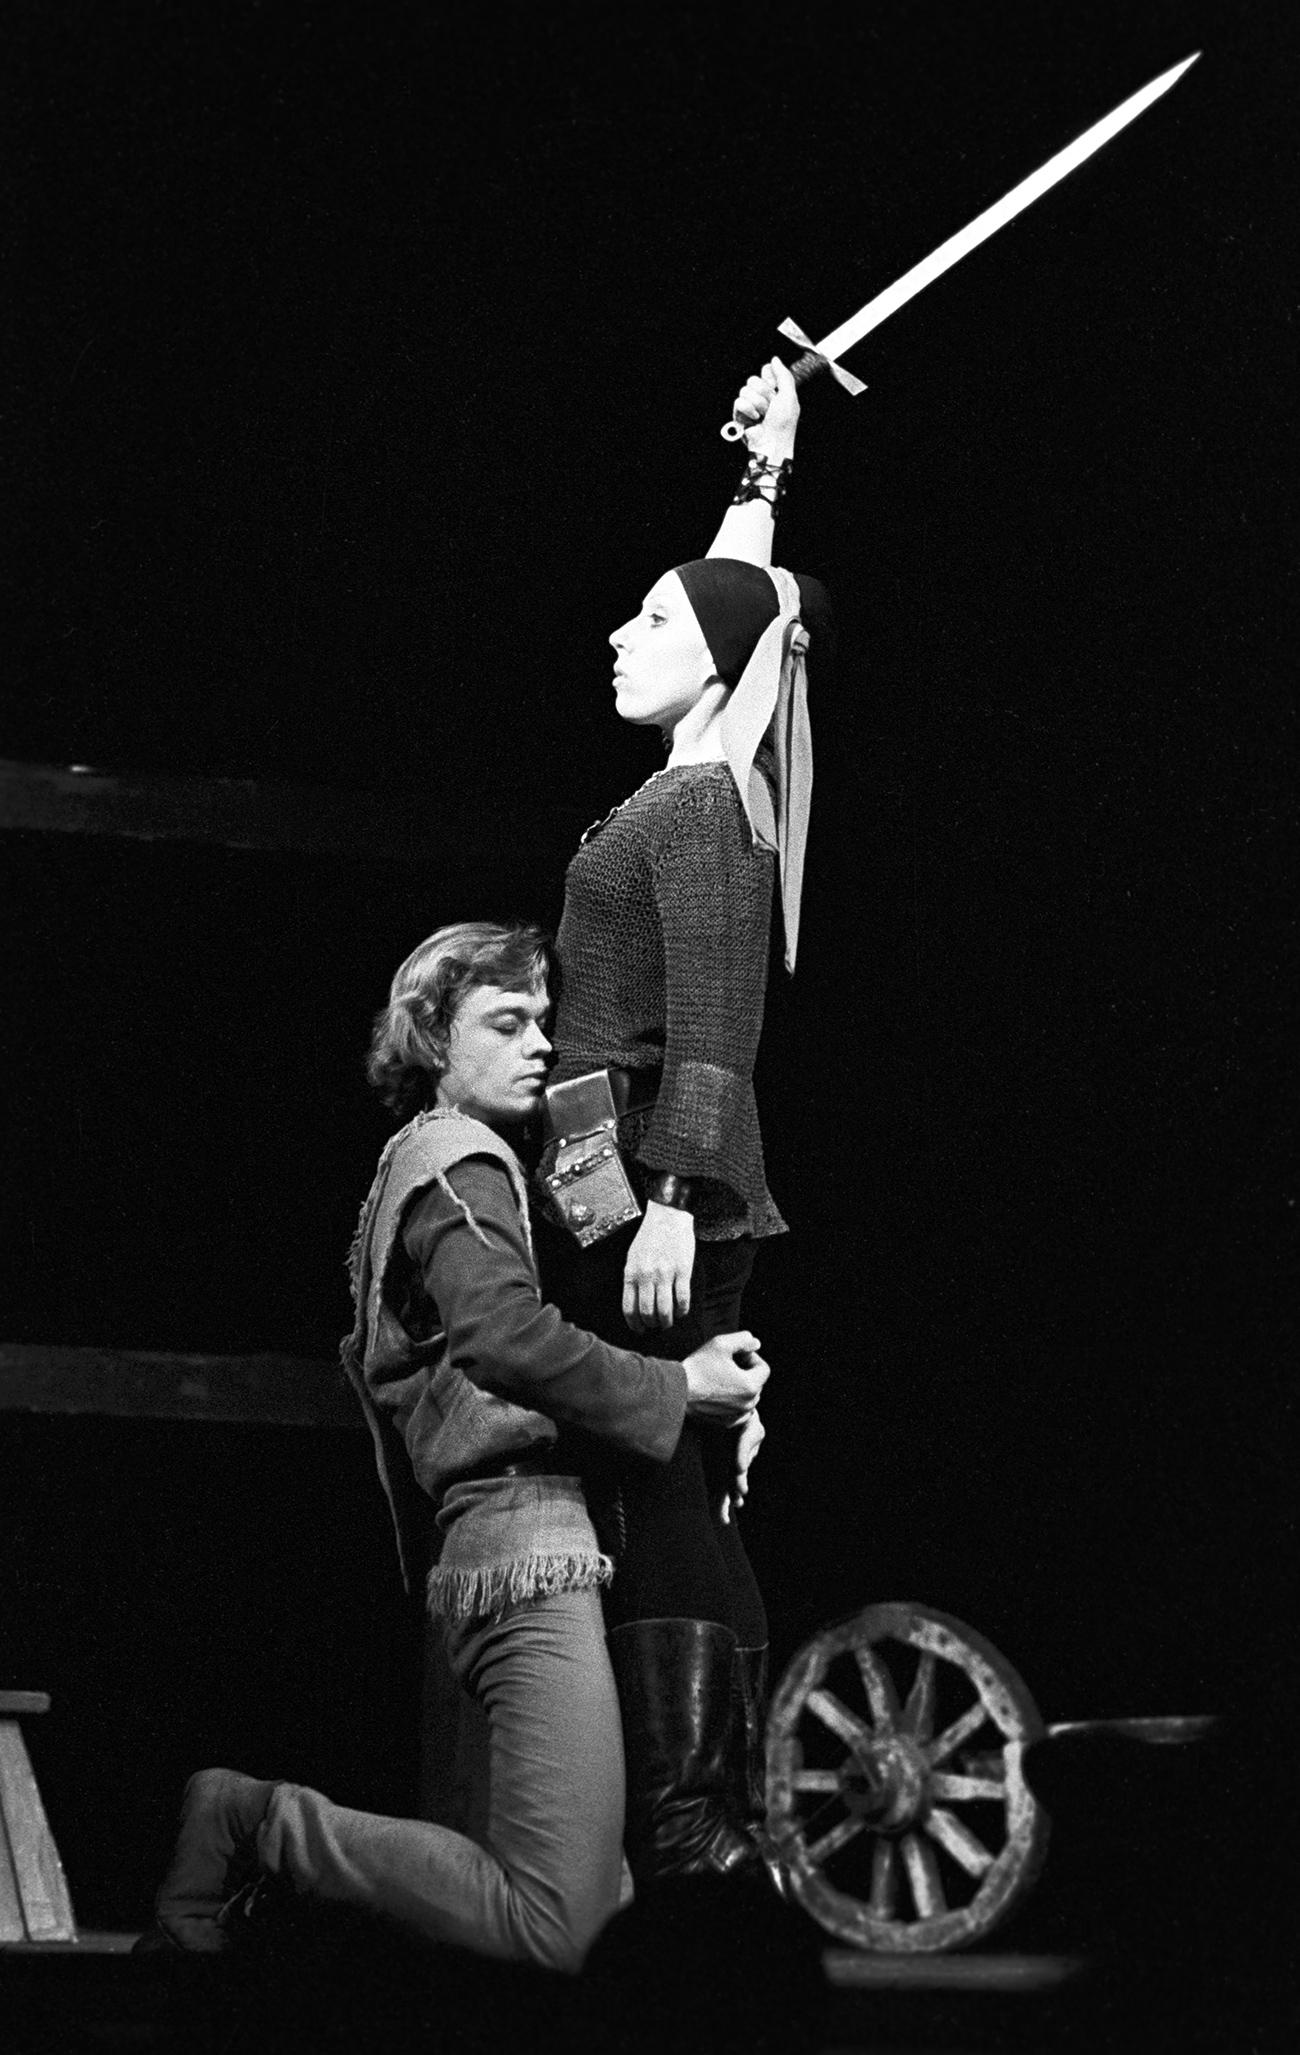 Nikolaï Karatchentsov et Inna Tchourikova interprètent le rôle de Till Eulenspiegel et de Nele dans la pièce Till l'Espiègle basée sur l'œuvre de l'écrivain belge Charles De Coster en 1983. Crédit: Iouri Lizounov / TASS